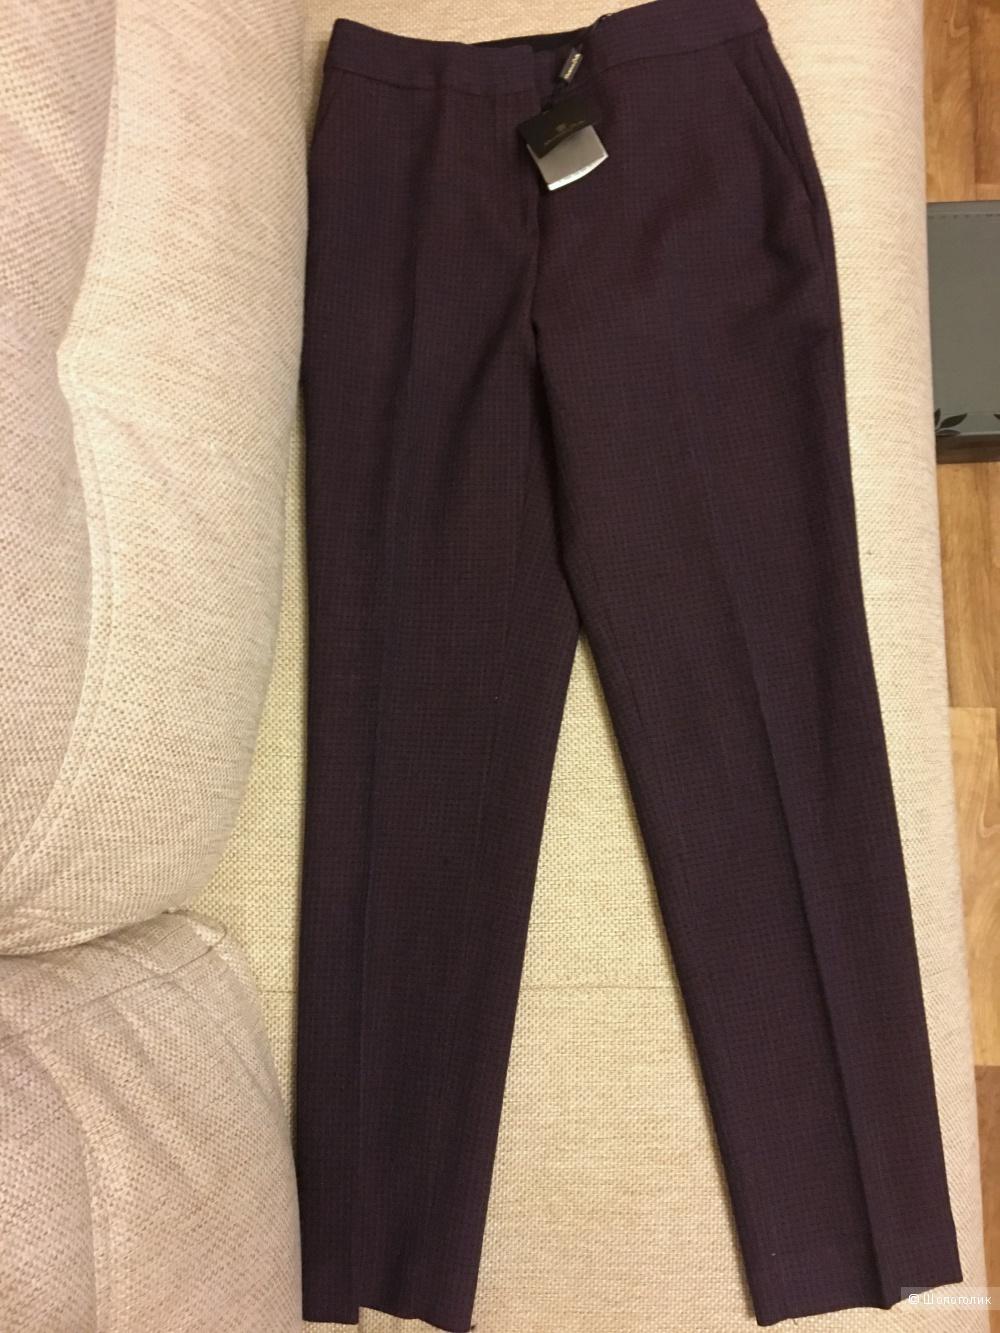 Шерстяные брюки Massimo Dutti, 36 размер